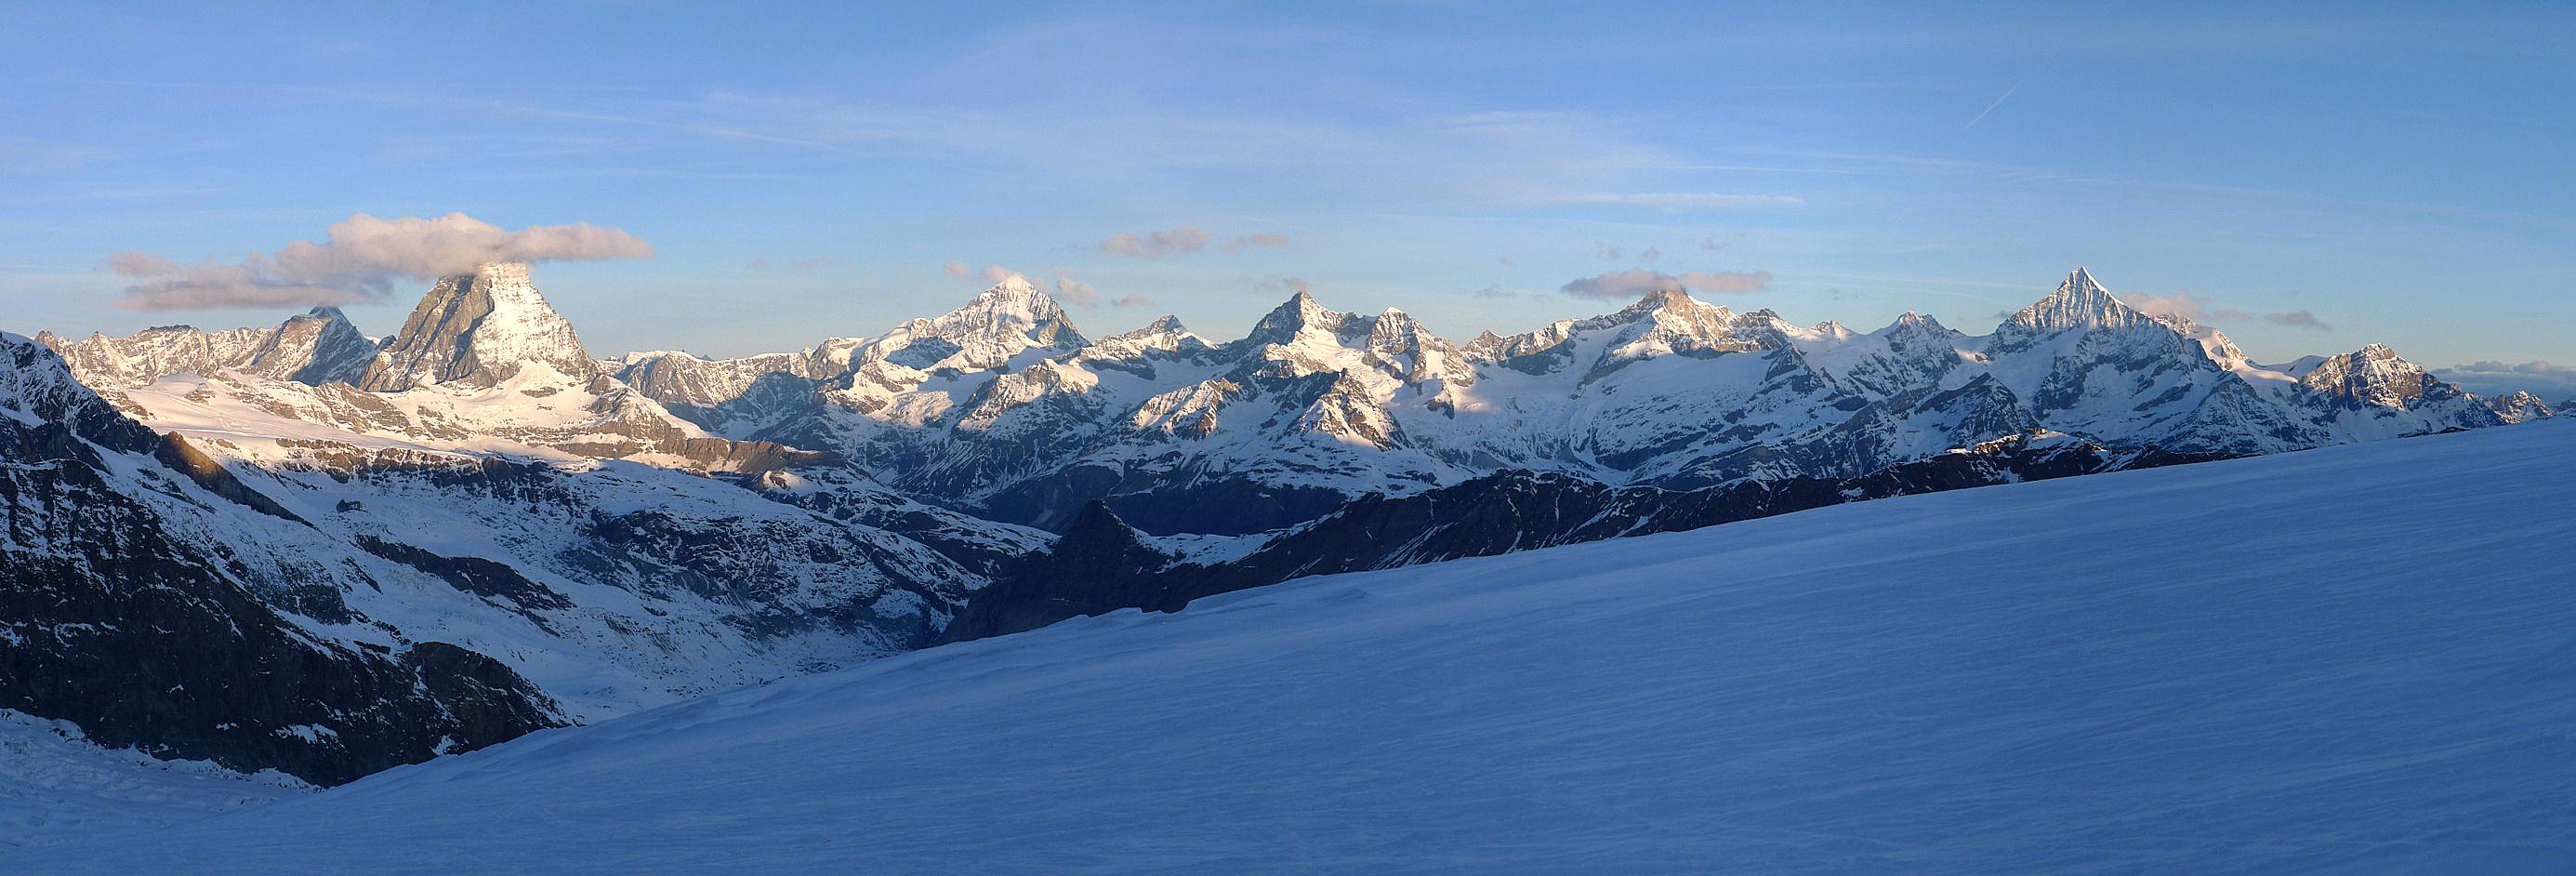 Monte Rosa Hütte Walliser Alpen / Alpes valaisannes Switzerland panorama 31